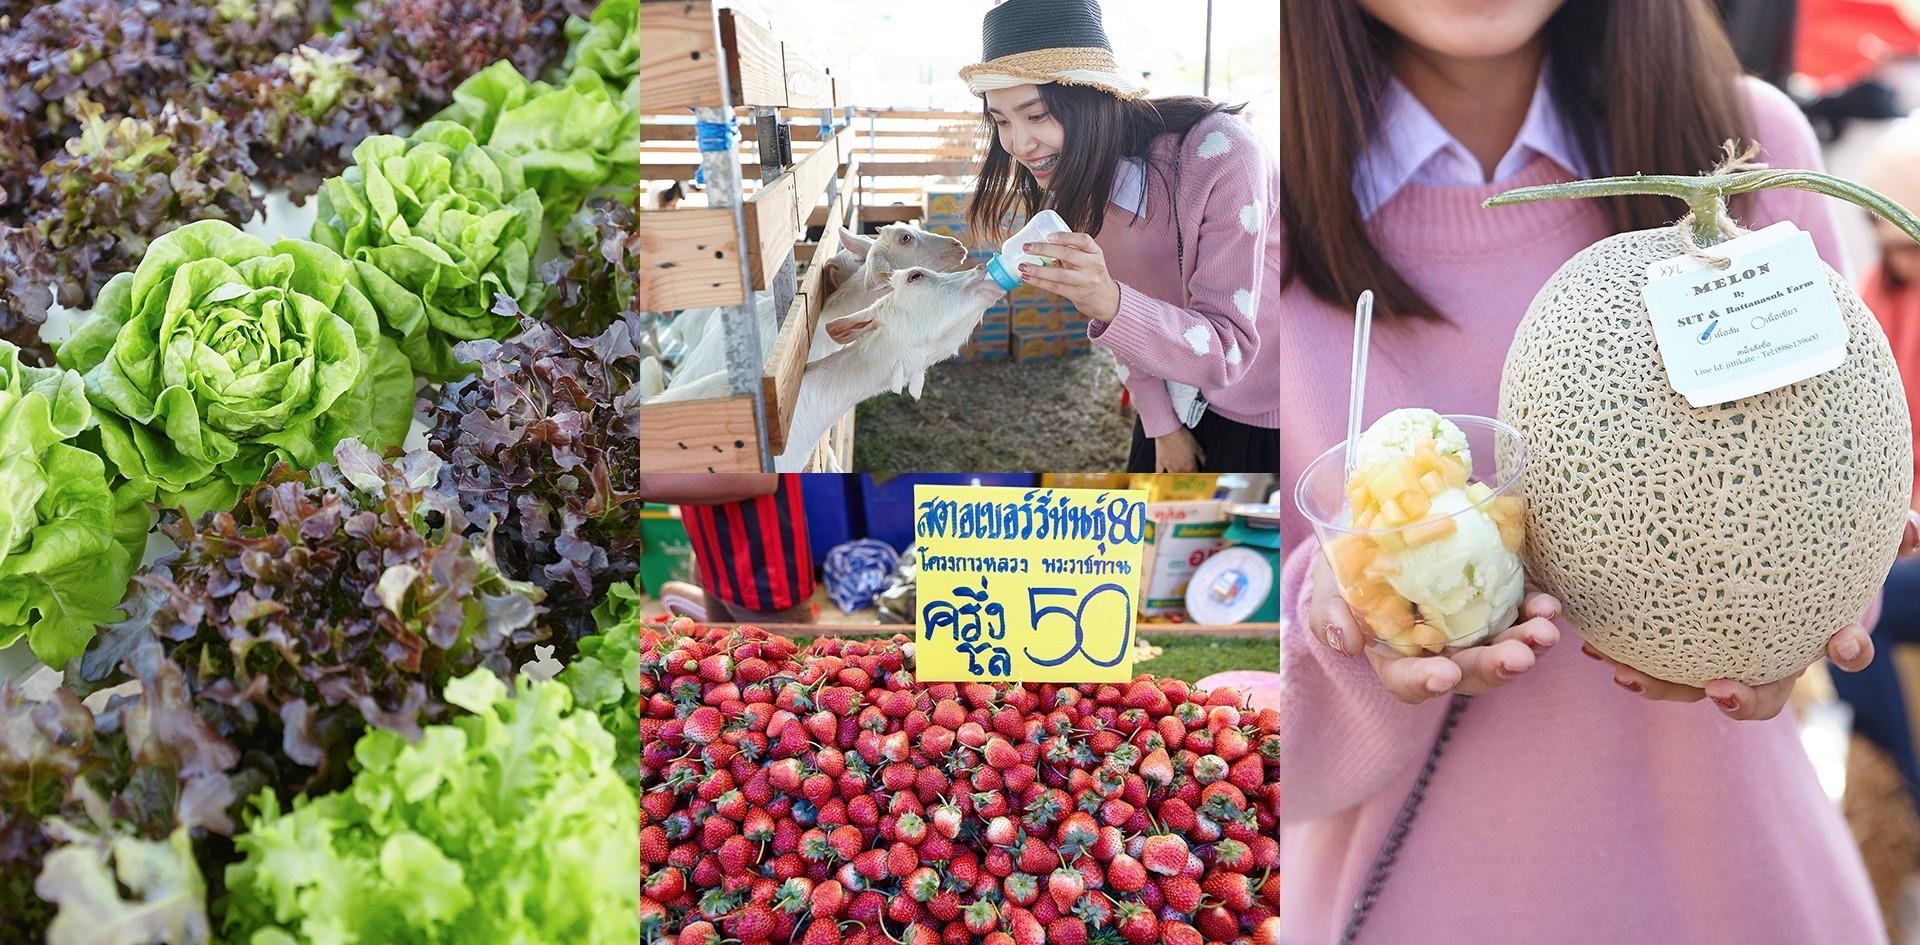 เที่ยวงานเกษตรสุรนารี 2561 งานนวัตกรรมเกษตรและอาหารที่ใหญ่สุดในอีสาน!